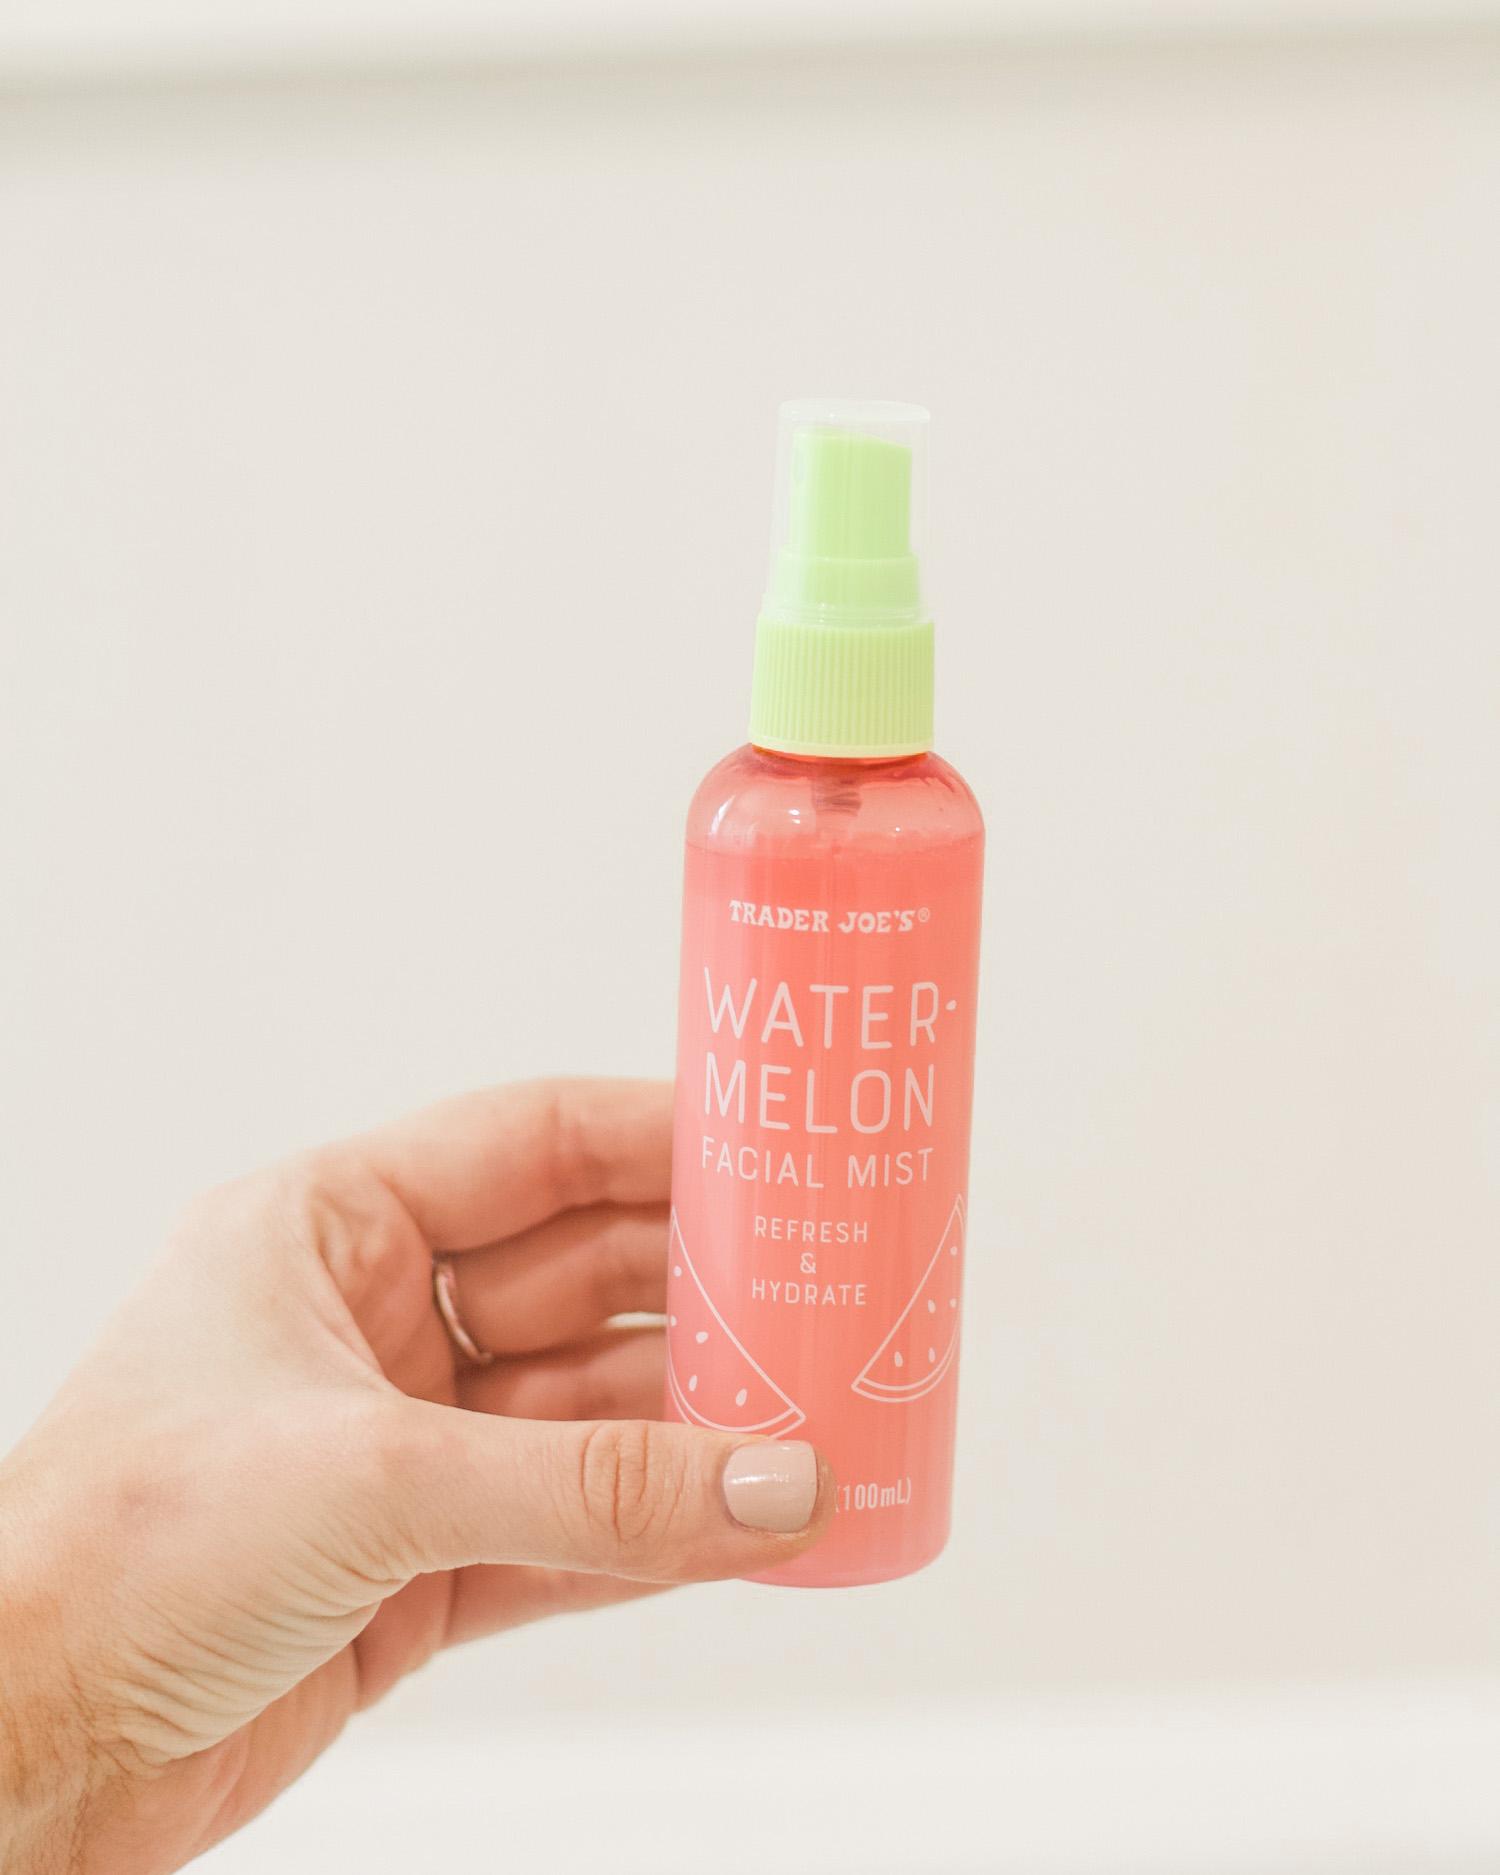 trader joe's watermelon facial mist spray